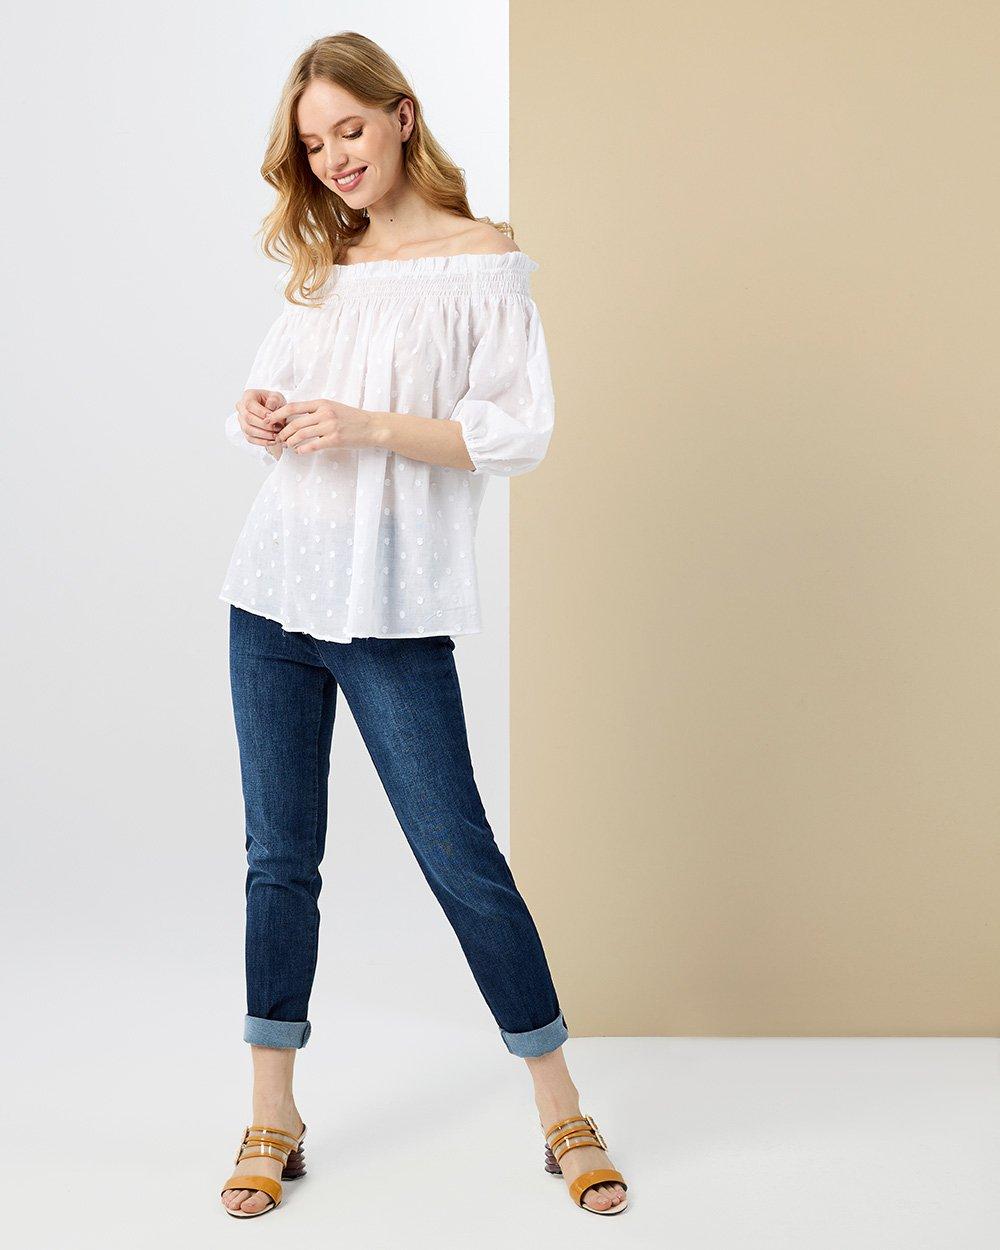 Μπλούζα έξω ώμοι με σχέδιο στην ύφανση